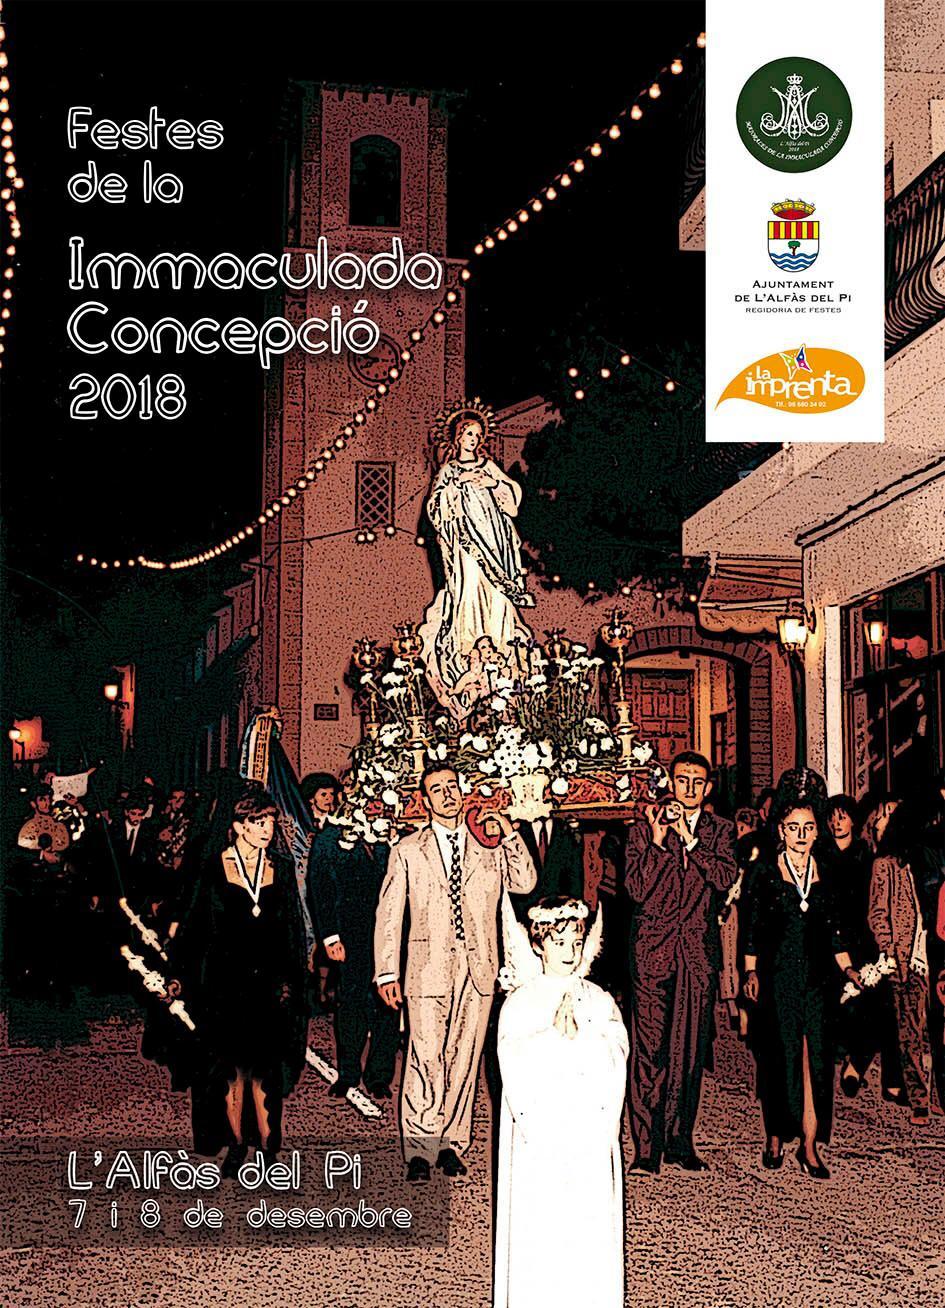 L'Alfàs del Pi se prepara para vivir sus fiestas de la Inmaculada Concepción